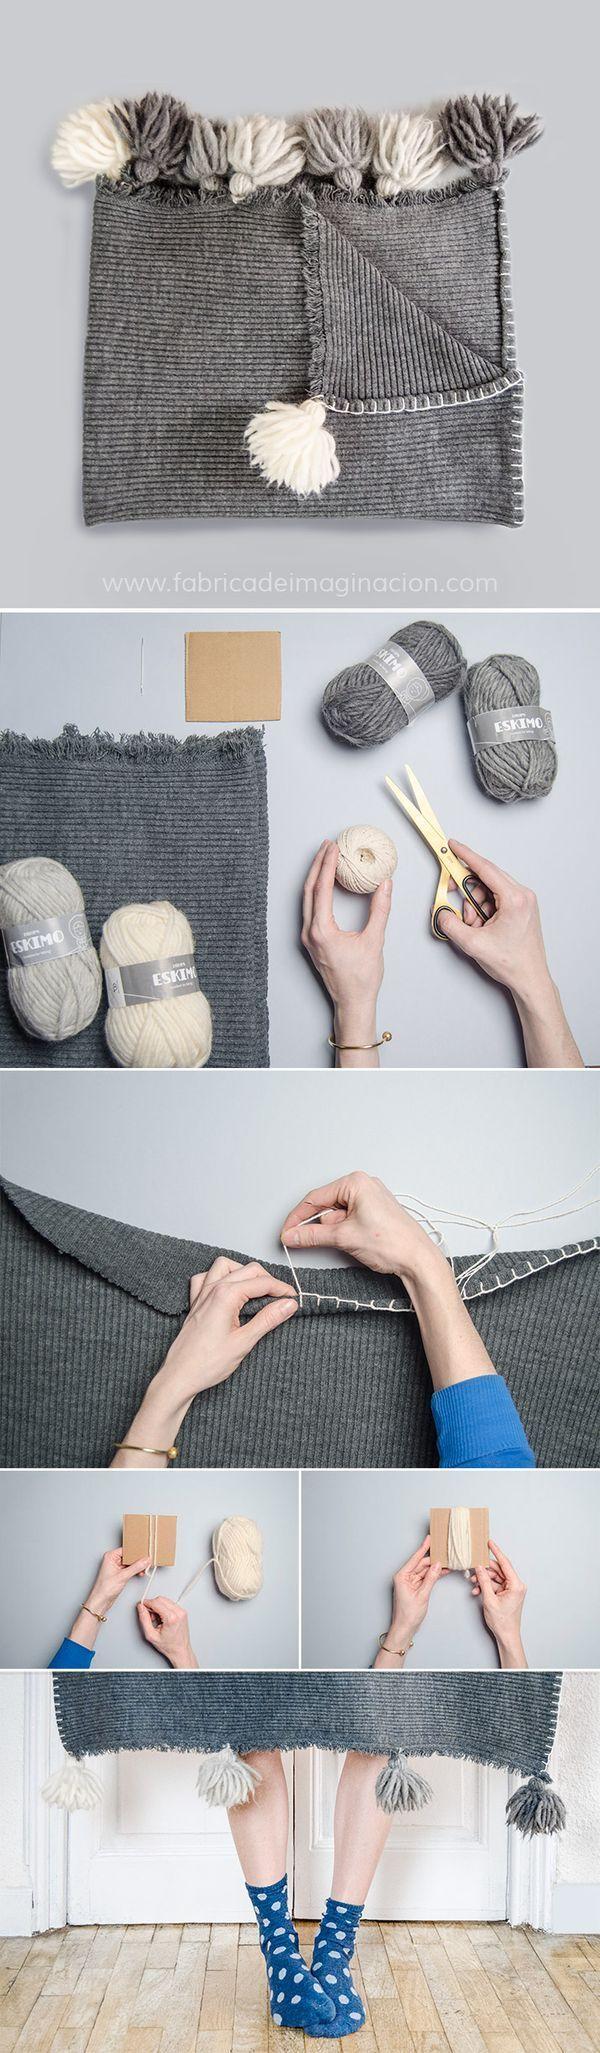 DIY Tassel blanket · DIY Manta con borlas · Fábrica de Imaginación · Steps in Spanish